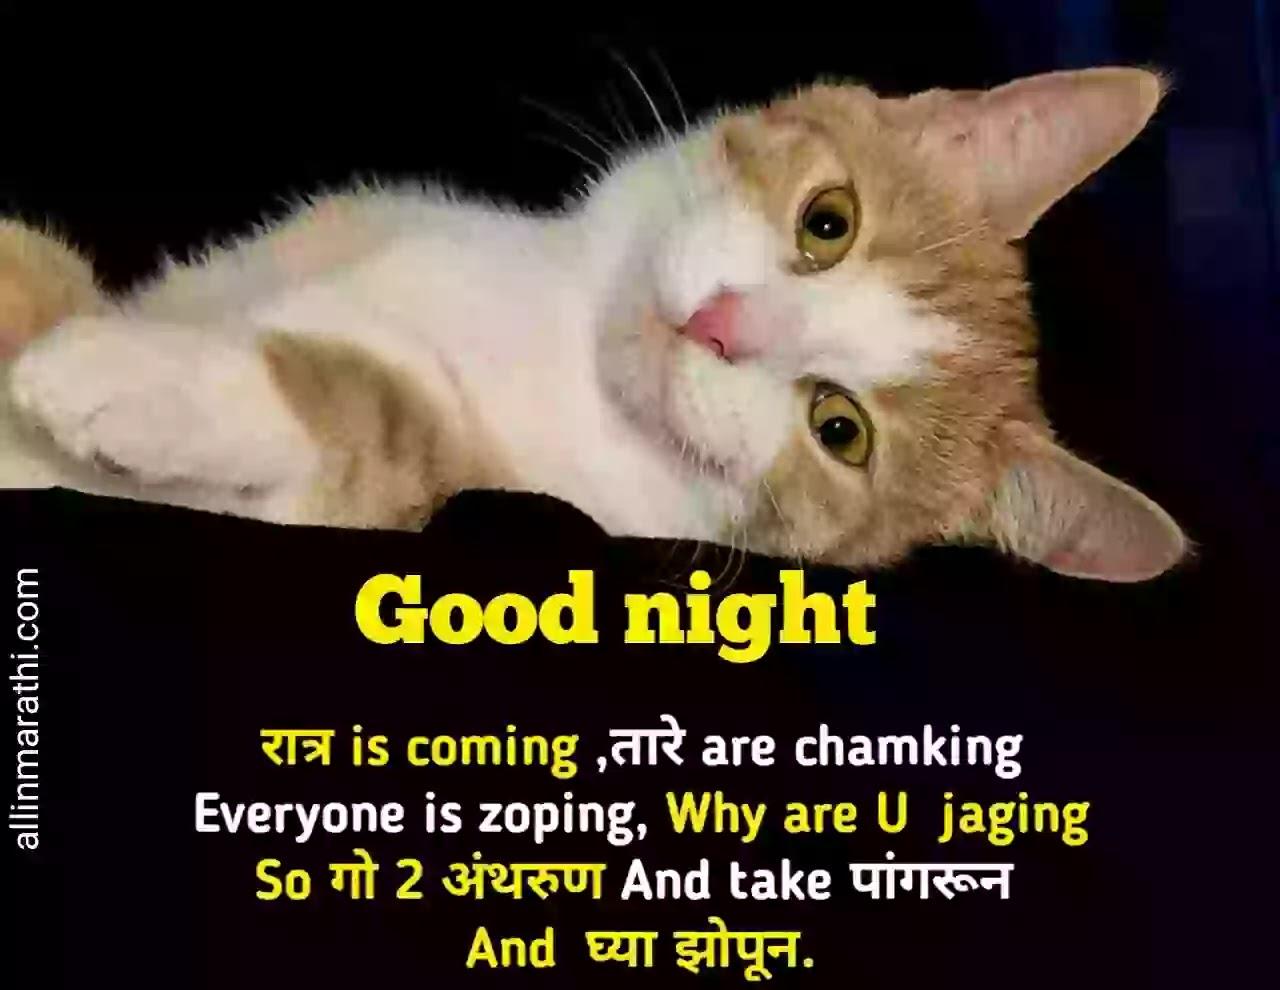 Funny good images marathi